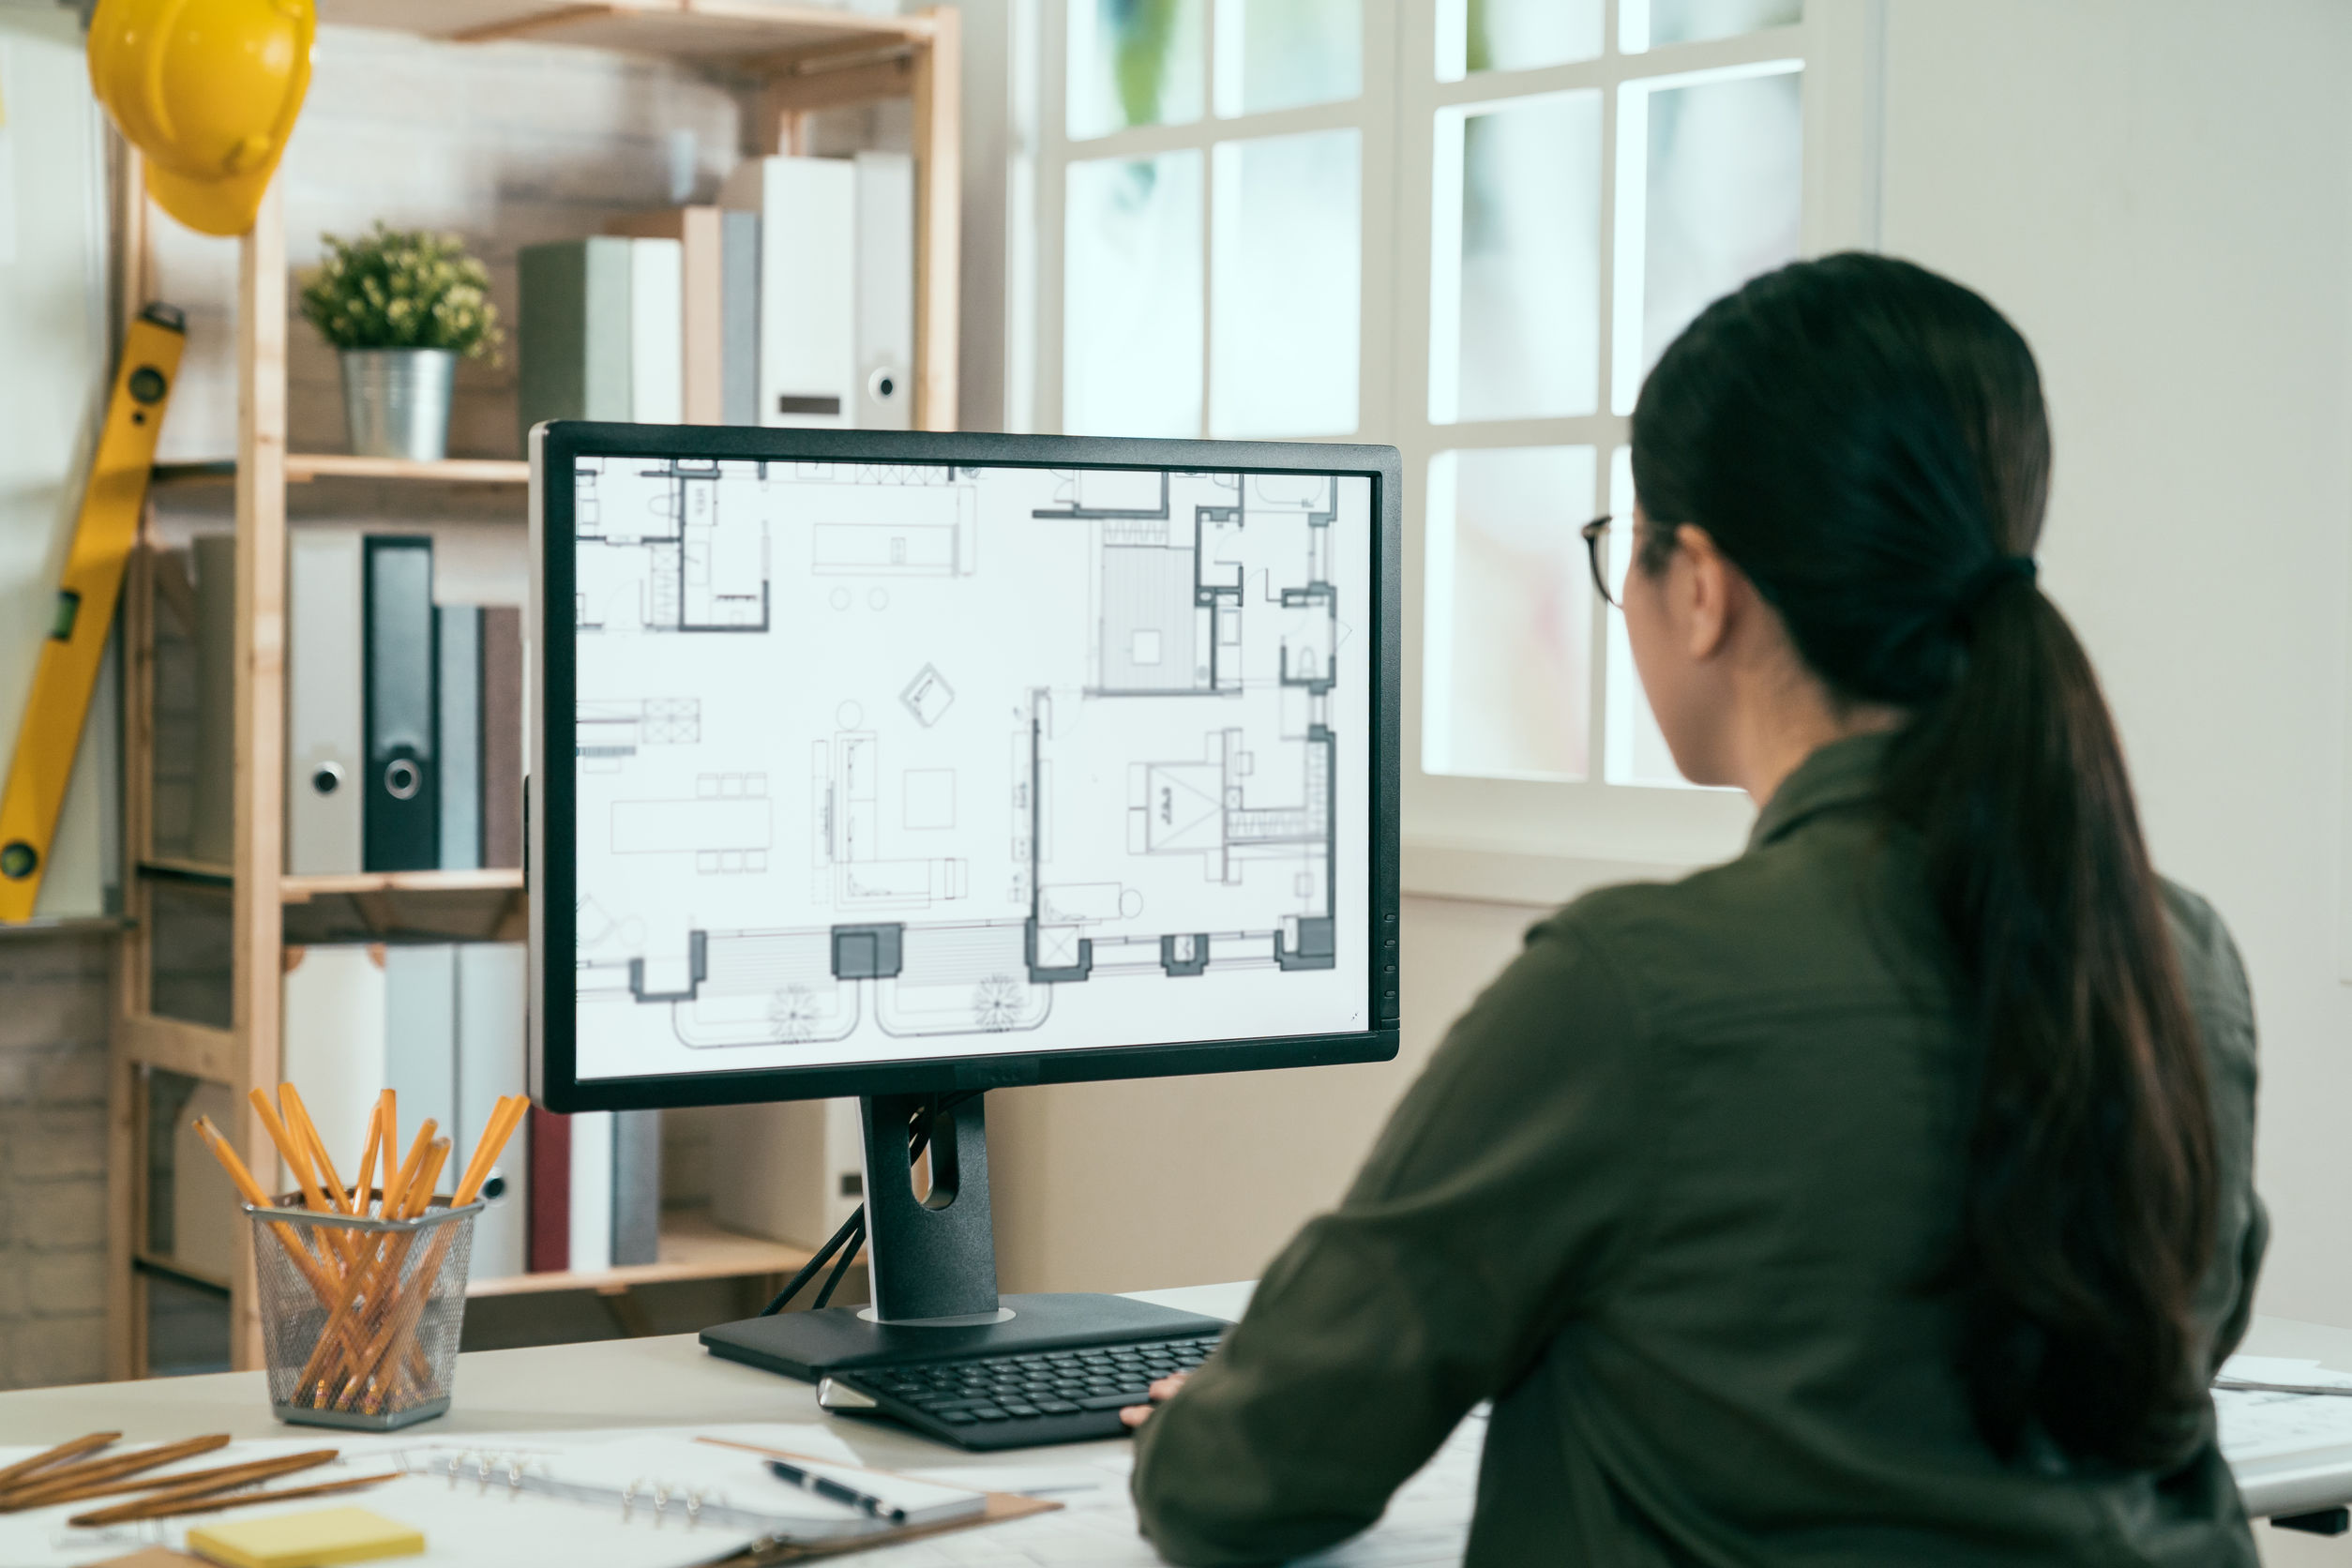 Diseñadora de interiores femenino trabajando monitor de computadora de escritorio escribiendo teclado